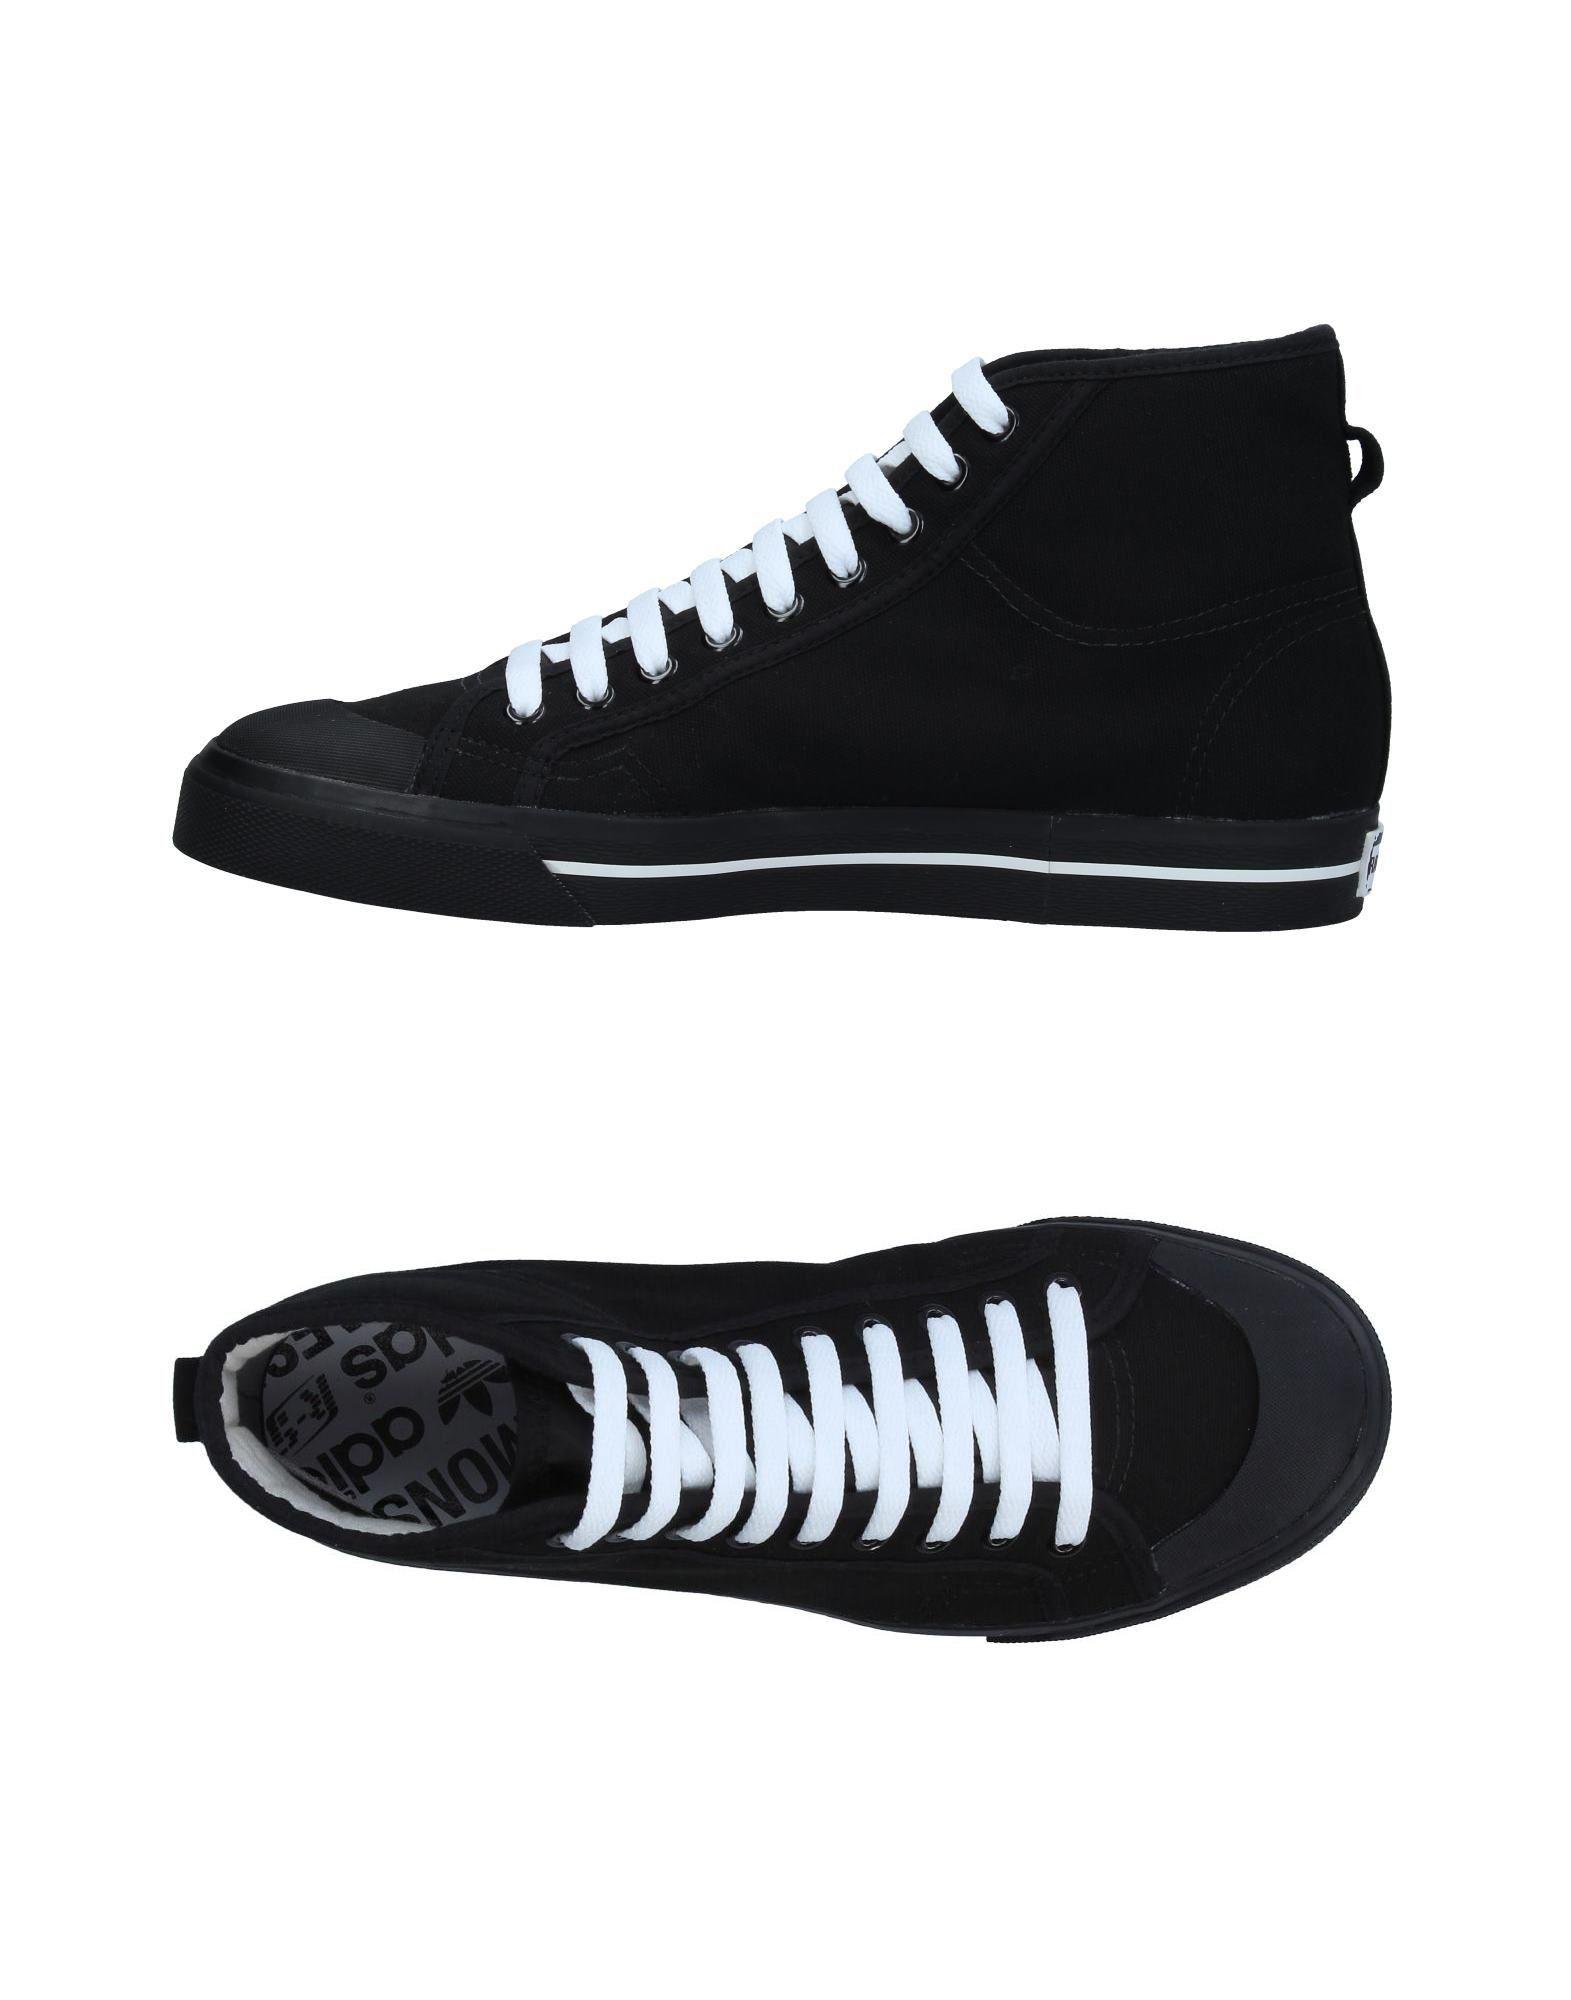 ADIDAS by RAF SIMONS Высокие кеды и кроссовки raf simons x adidas низкие кеды и кроссовки page 5